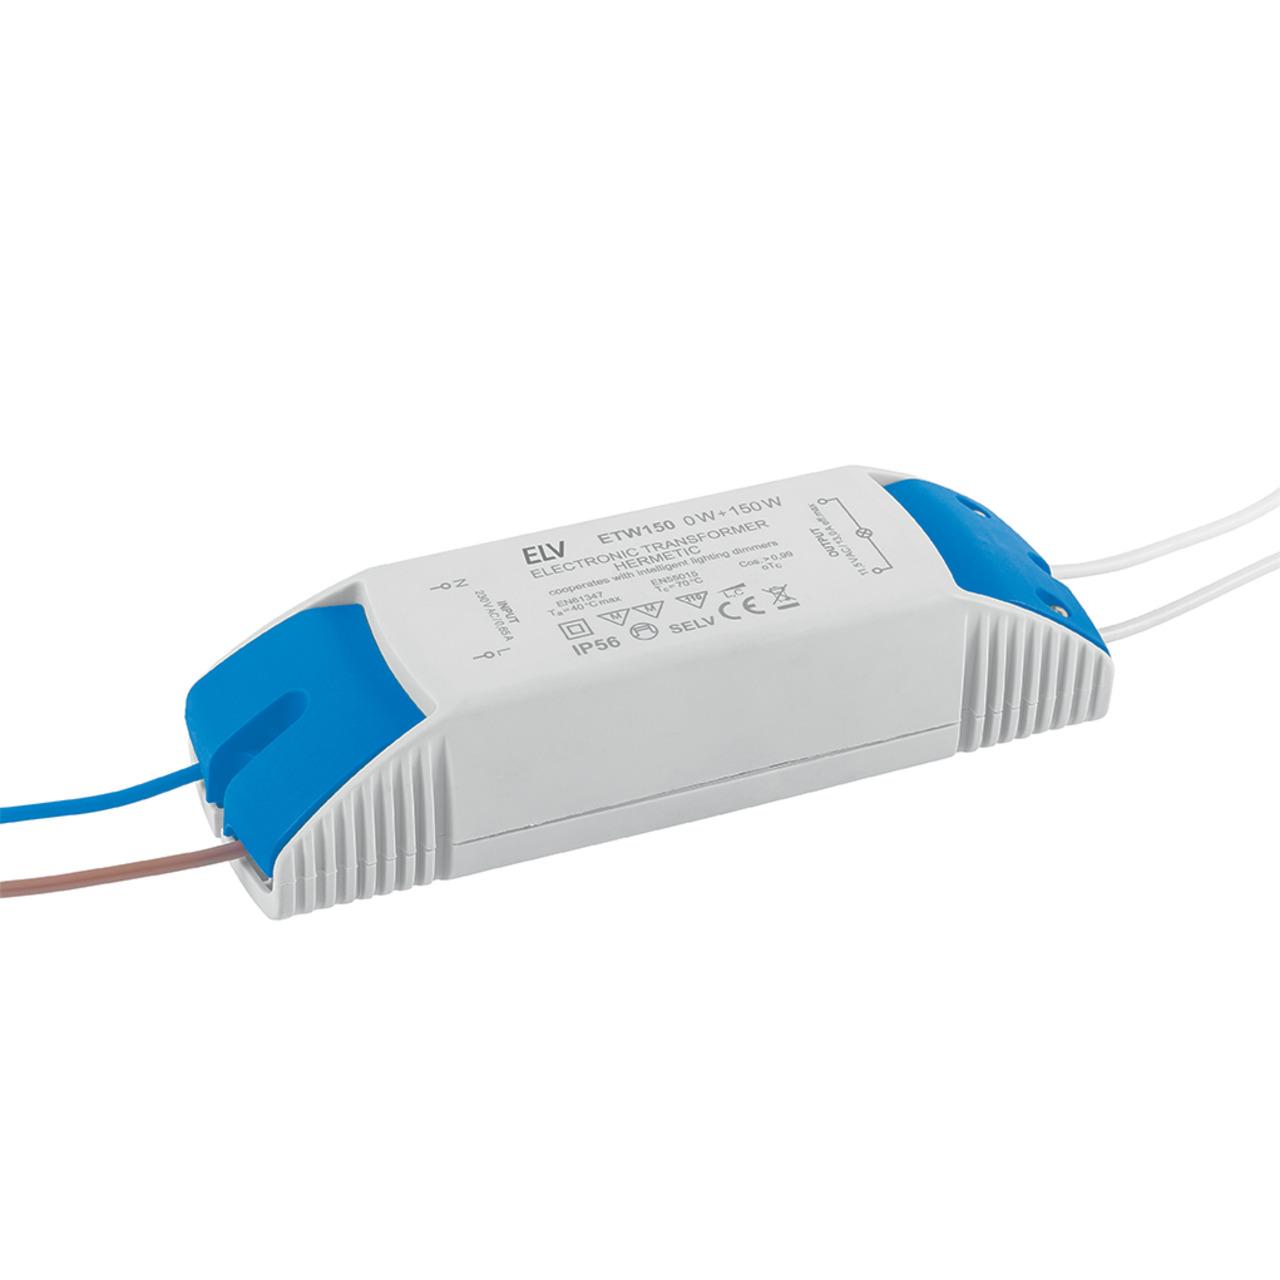 ELV 0-1-150-W-LED-Netzteil- 12 V AC- dimmbar